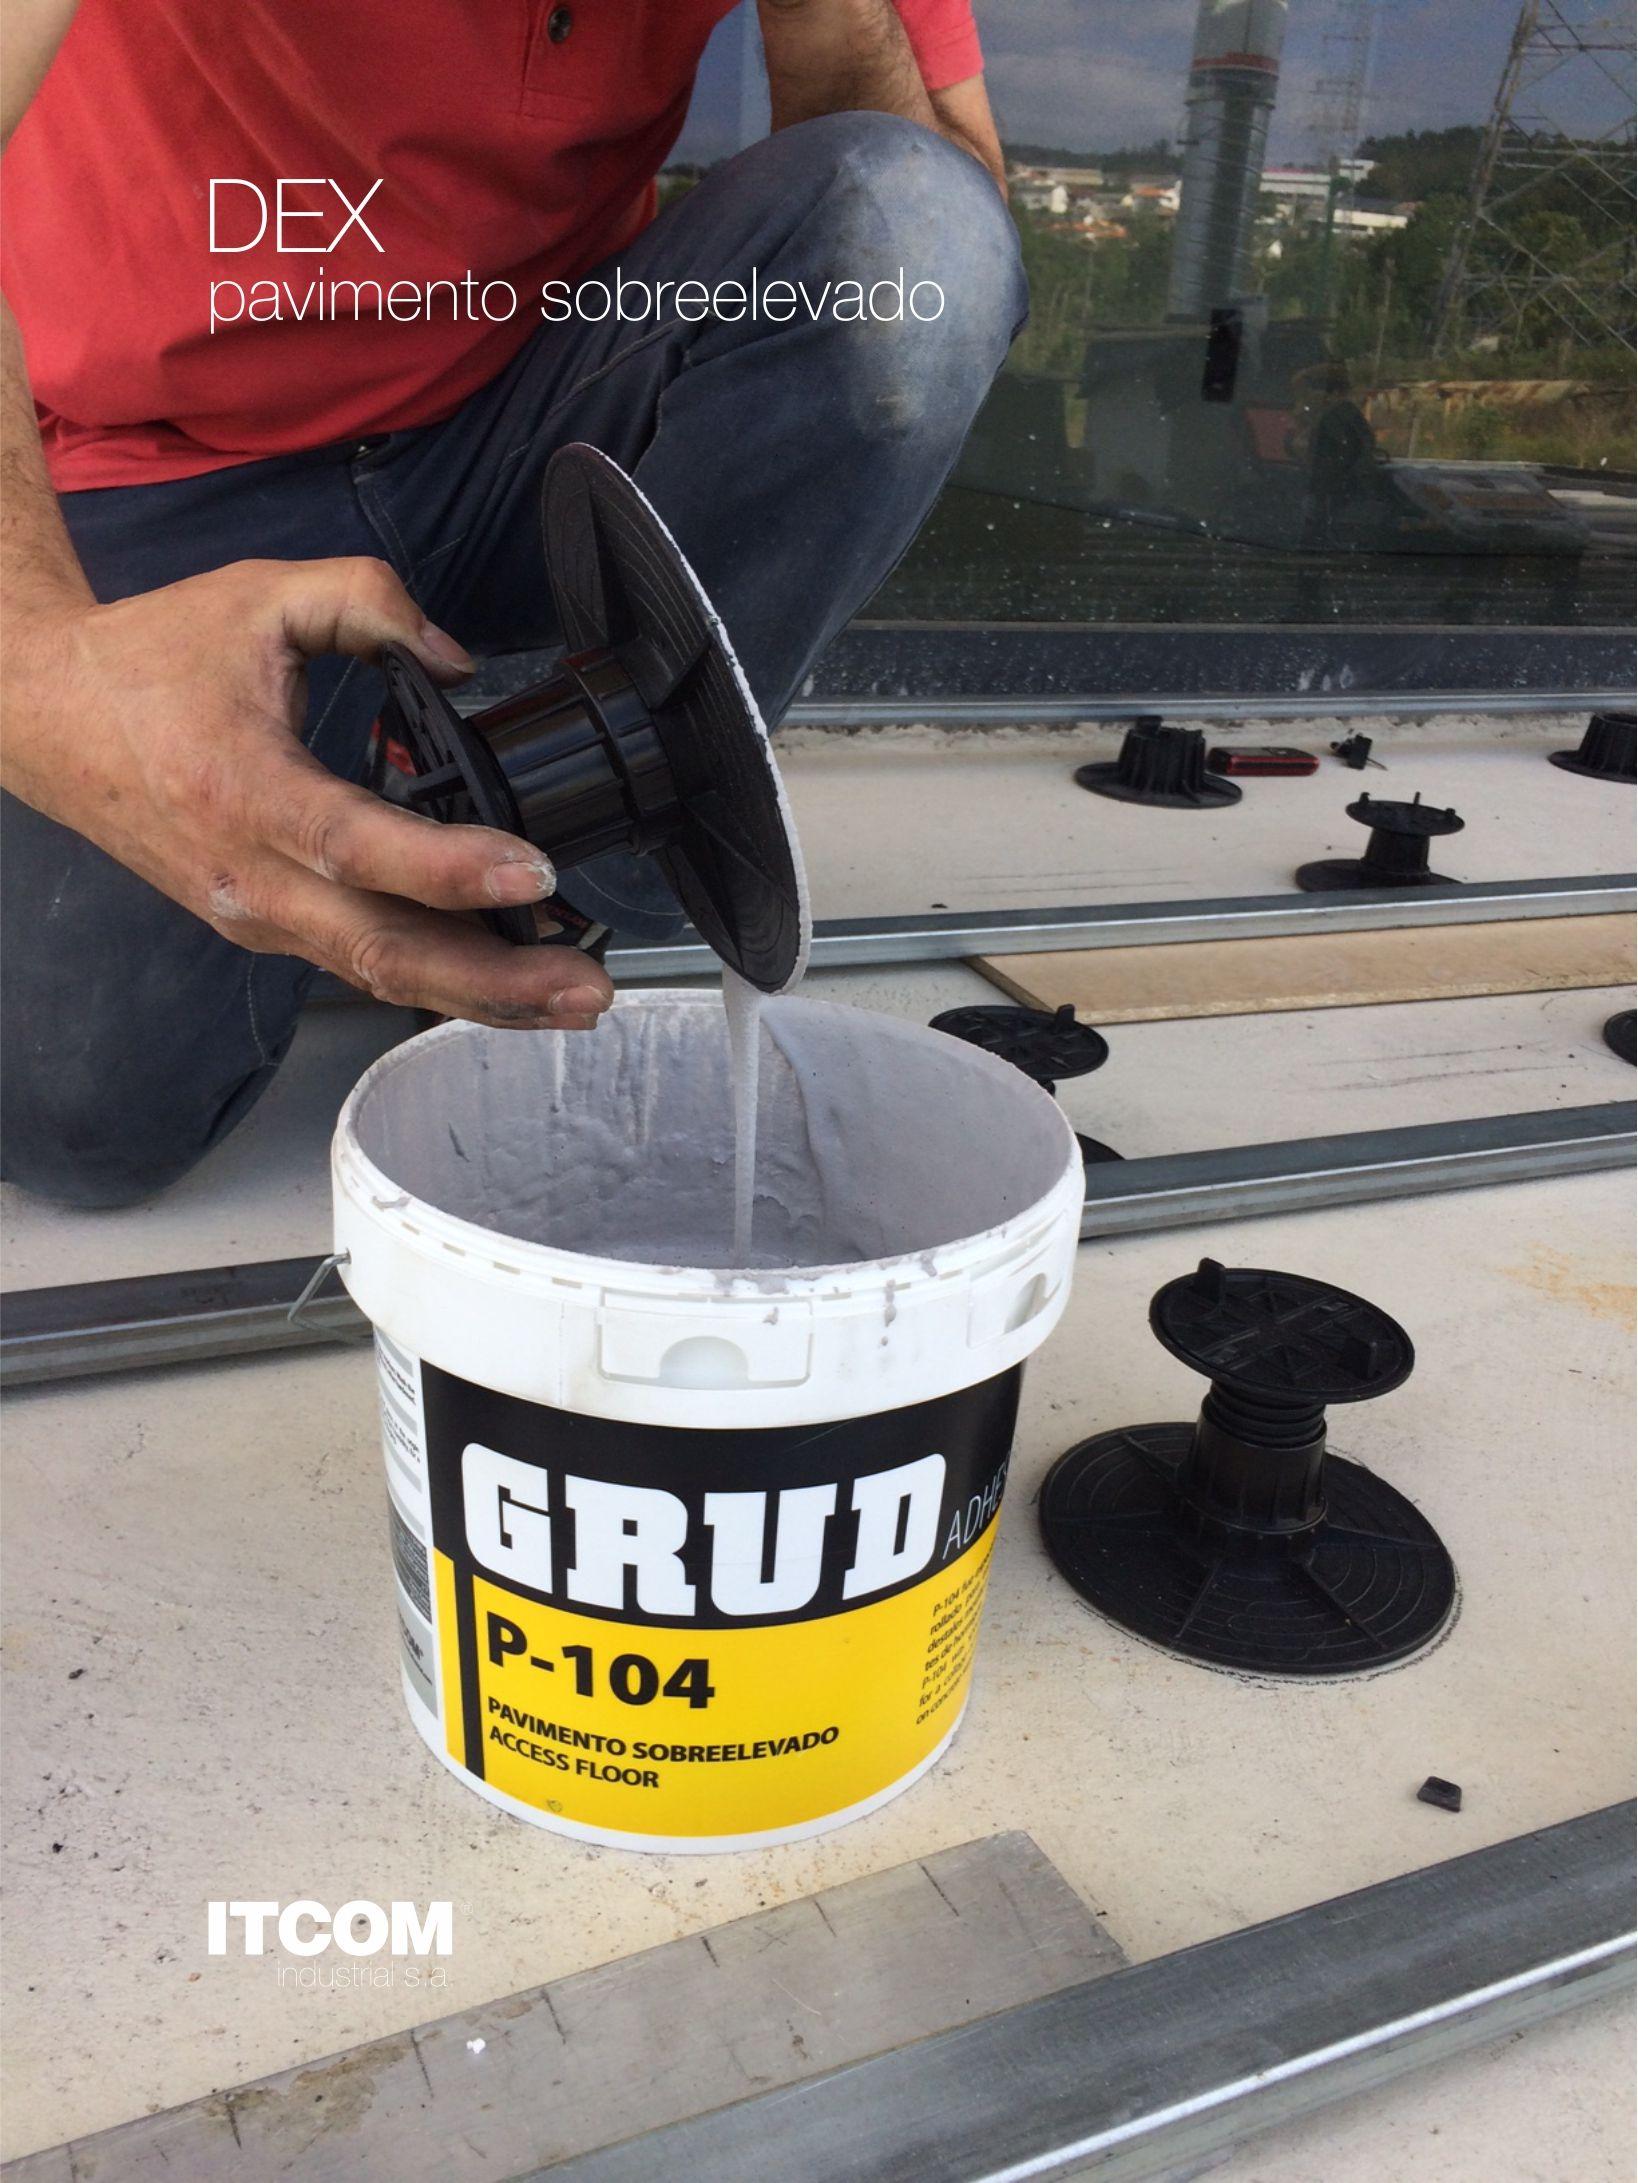 Pavimento Sobreelevado - DEX  GRUD P104 - Adesivo especial Perfeito para colagem de madeira e pedestais sobre suporte de betão. -- Raised Flooring - DEX  GRUD P104 - Special adhesive Perfect for glueing wood and pedestals onto the concrete support.